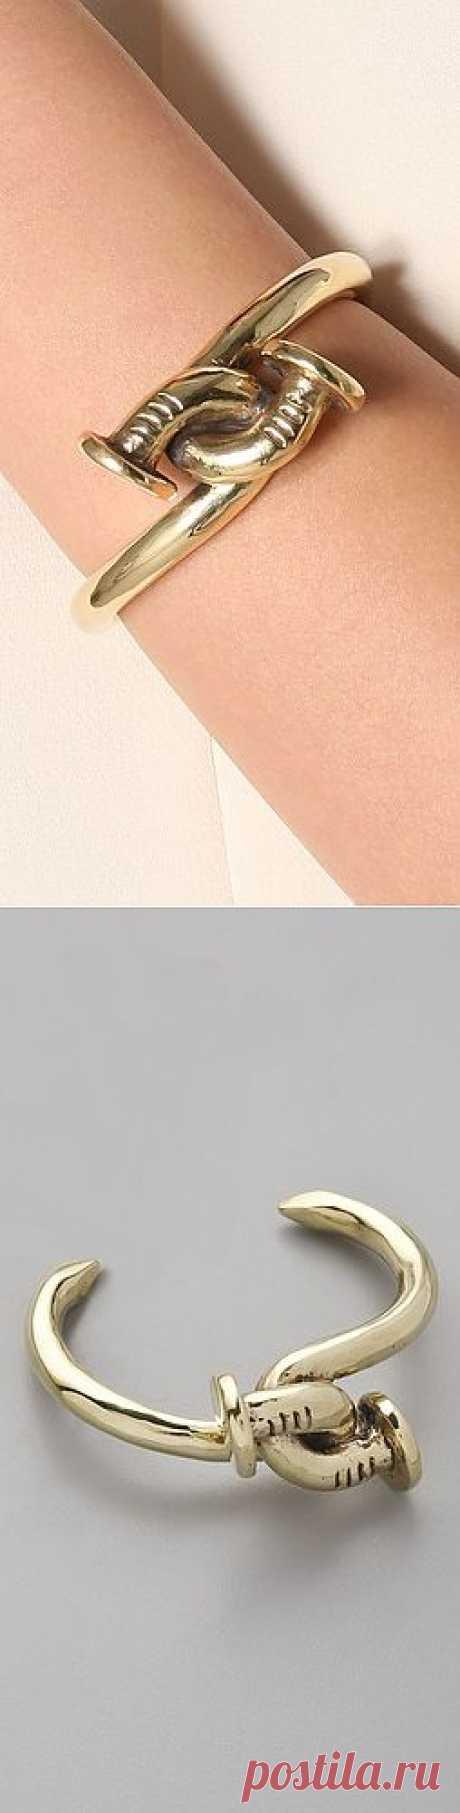 Браслет из гвоздей / Украшения и бижутерия / Модный сайт о стильной переделке одежды и интерьера